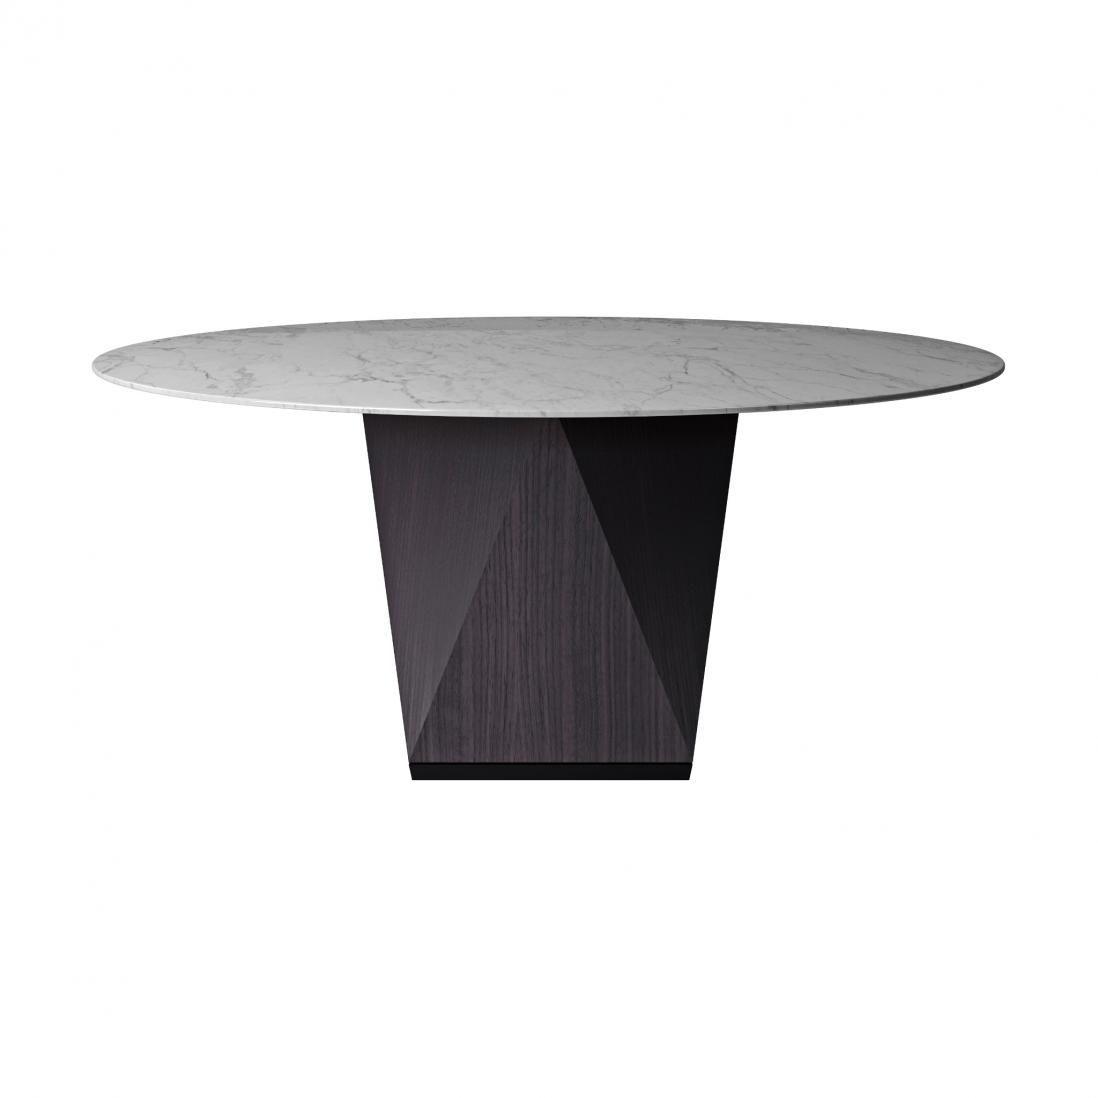 Tavolo Con Piede Centrale un tavolo scultoreo ma leggero, in cui la gamba centrale